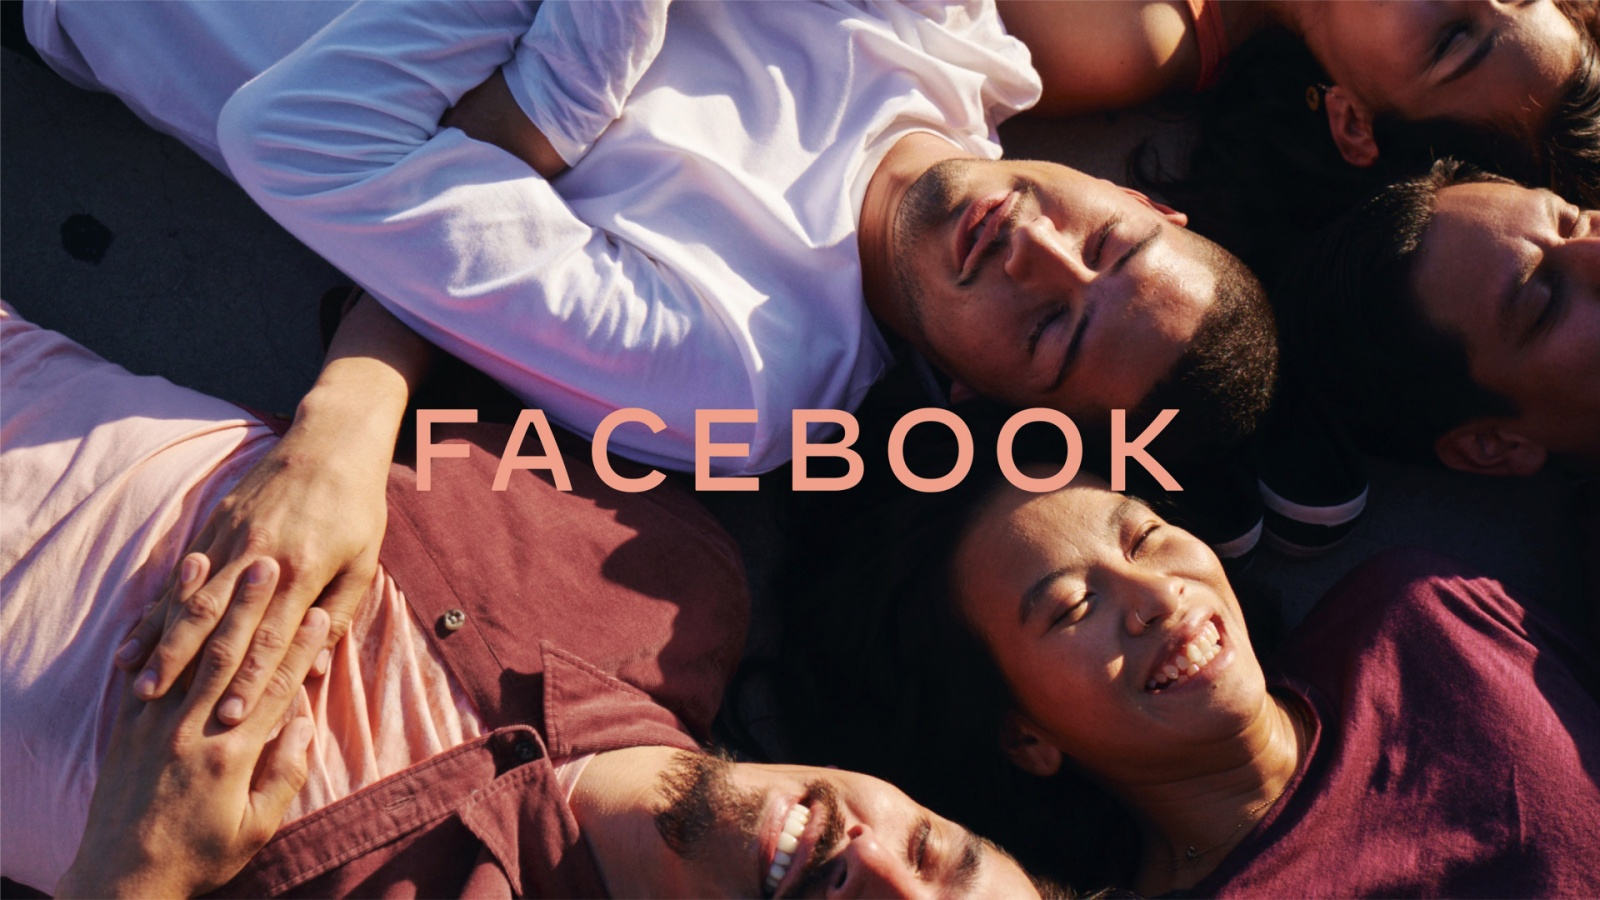 Nowy Facebook już u polskich użytkowników serwisu: odświeżony wygląd i ciemny motyw 20